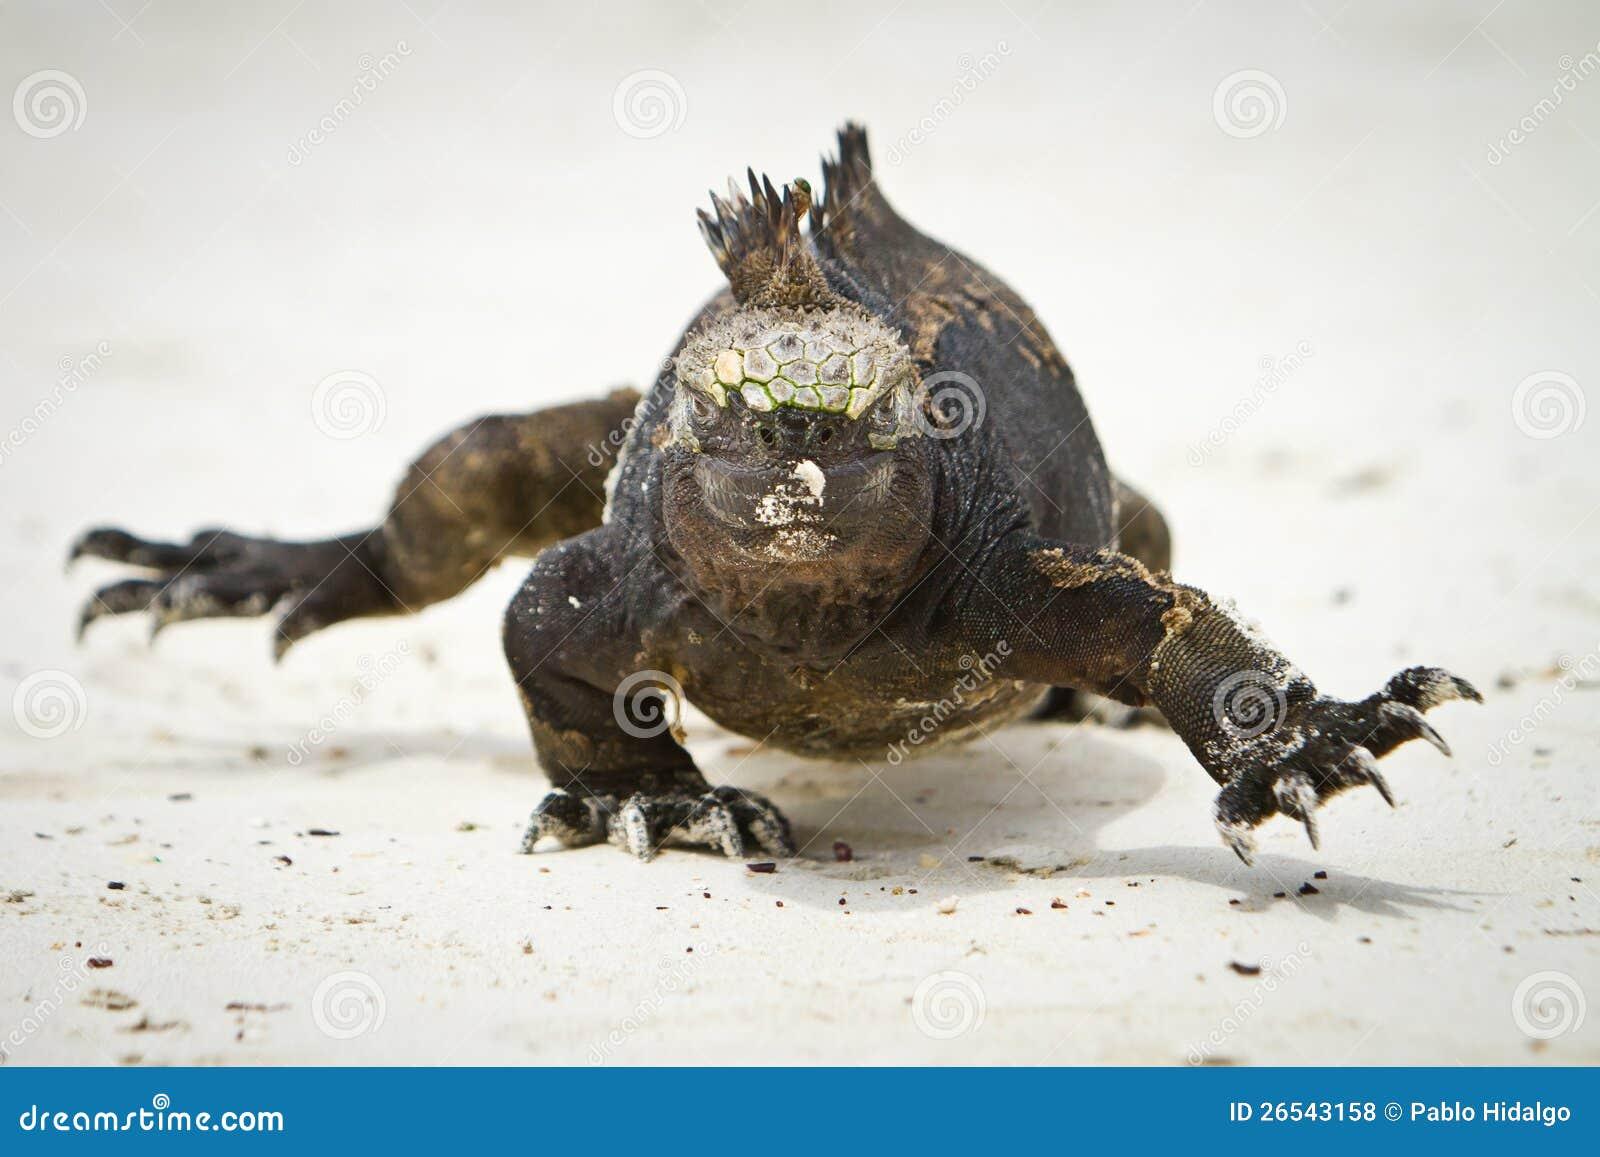 Marine Iguana walking straight at you